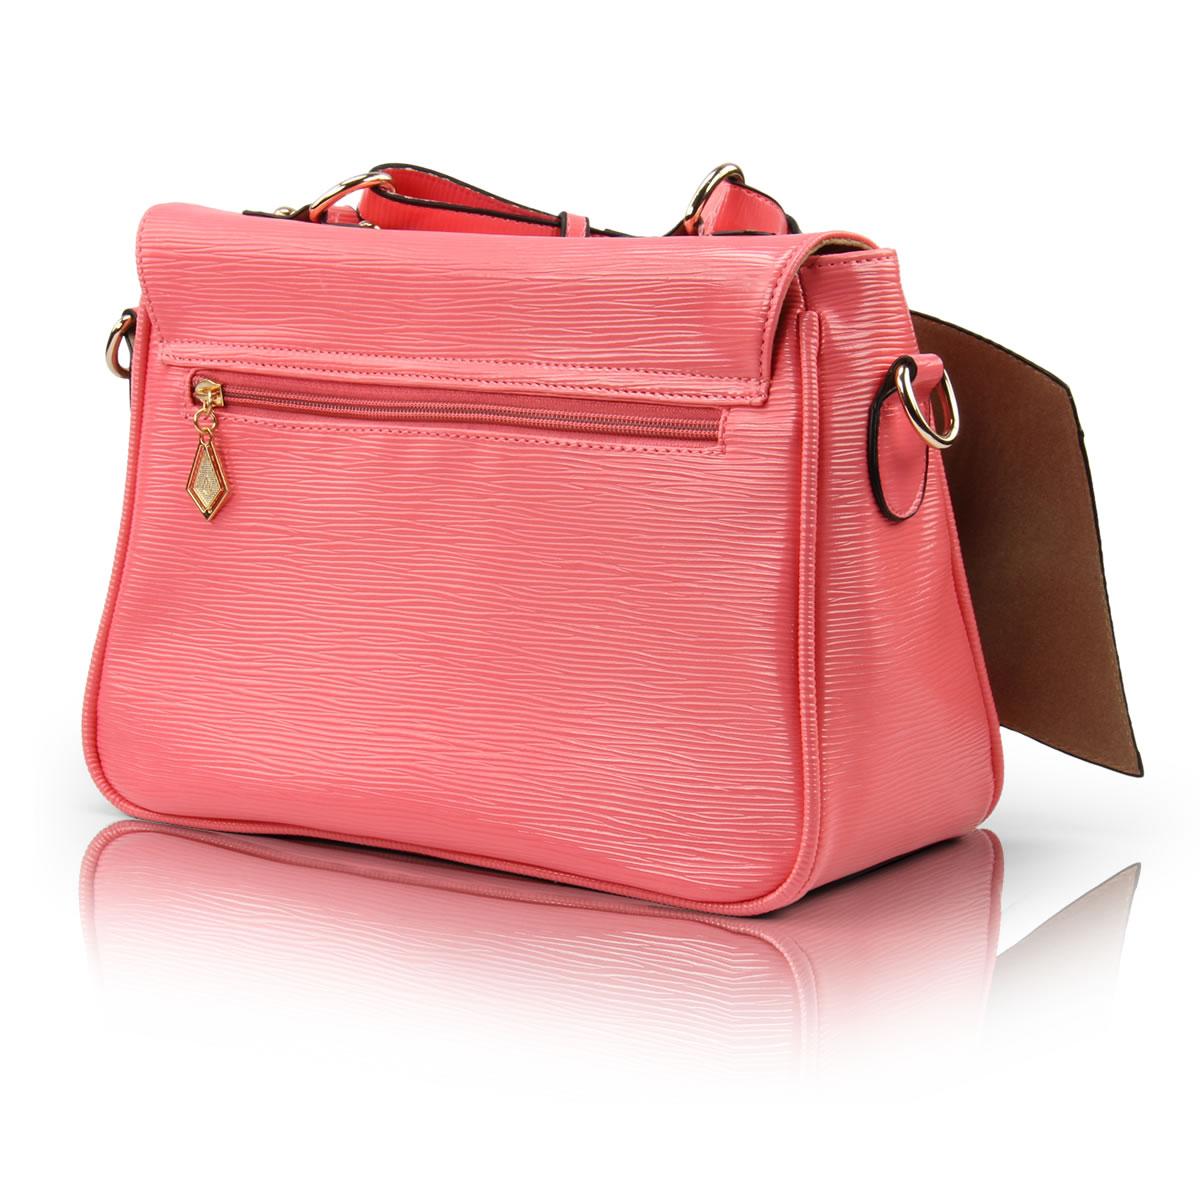 Сумка Sunnyshop 312 2013 Девочки Женская сумка Однотонный цвет Искусственная кожа